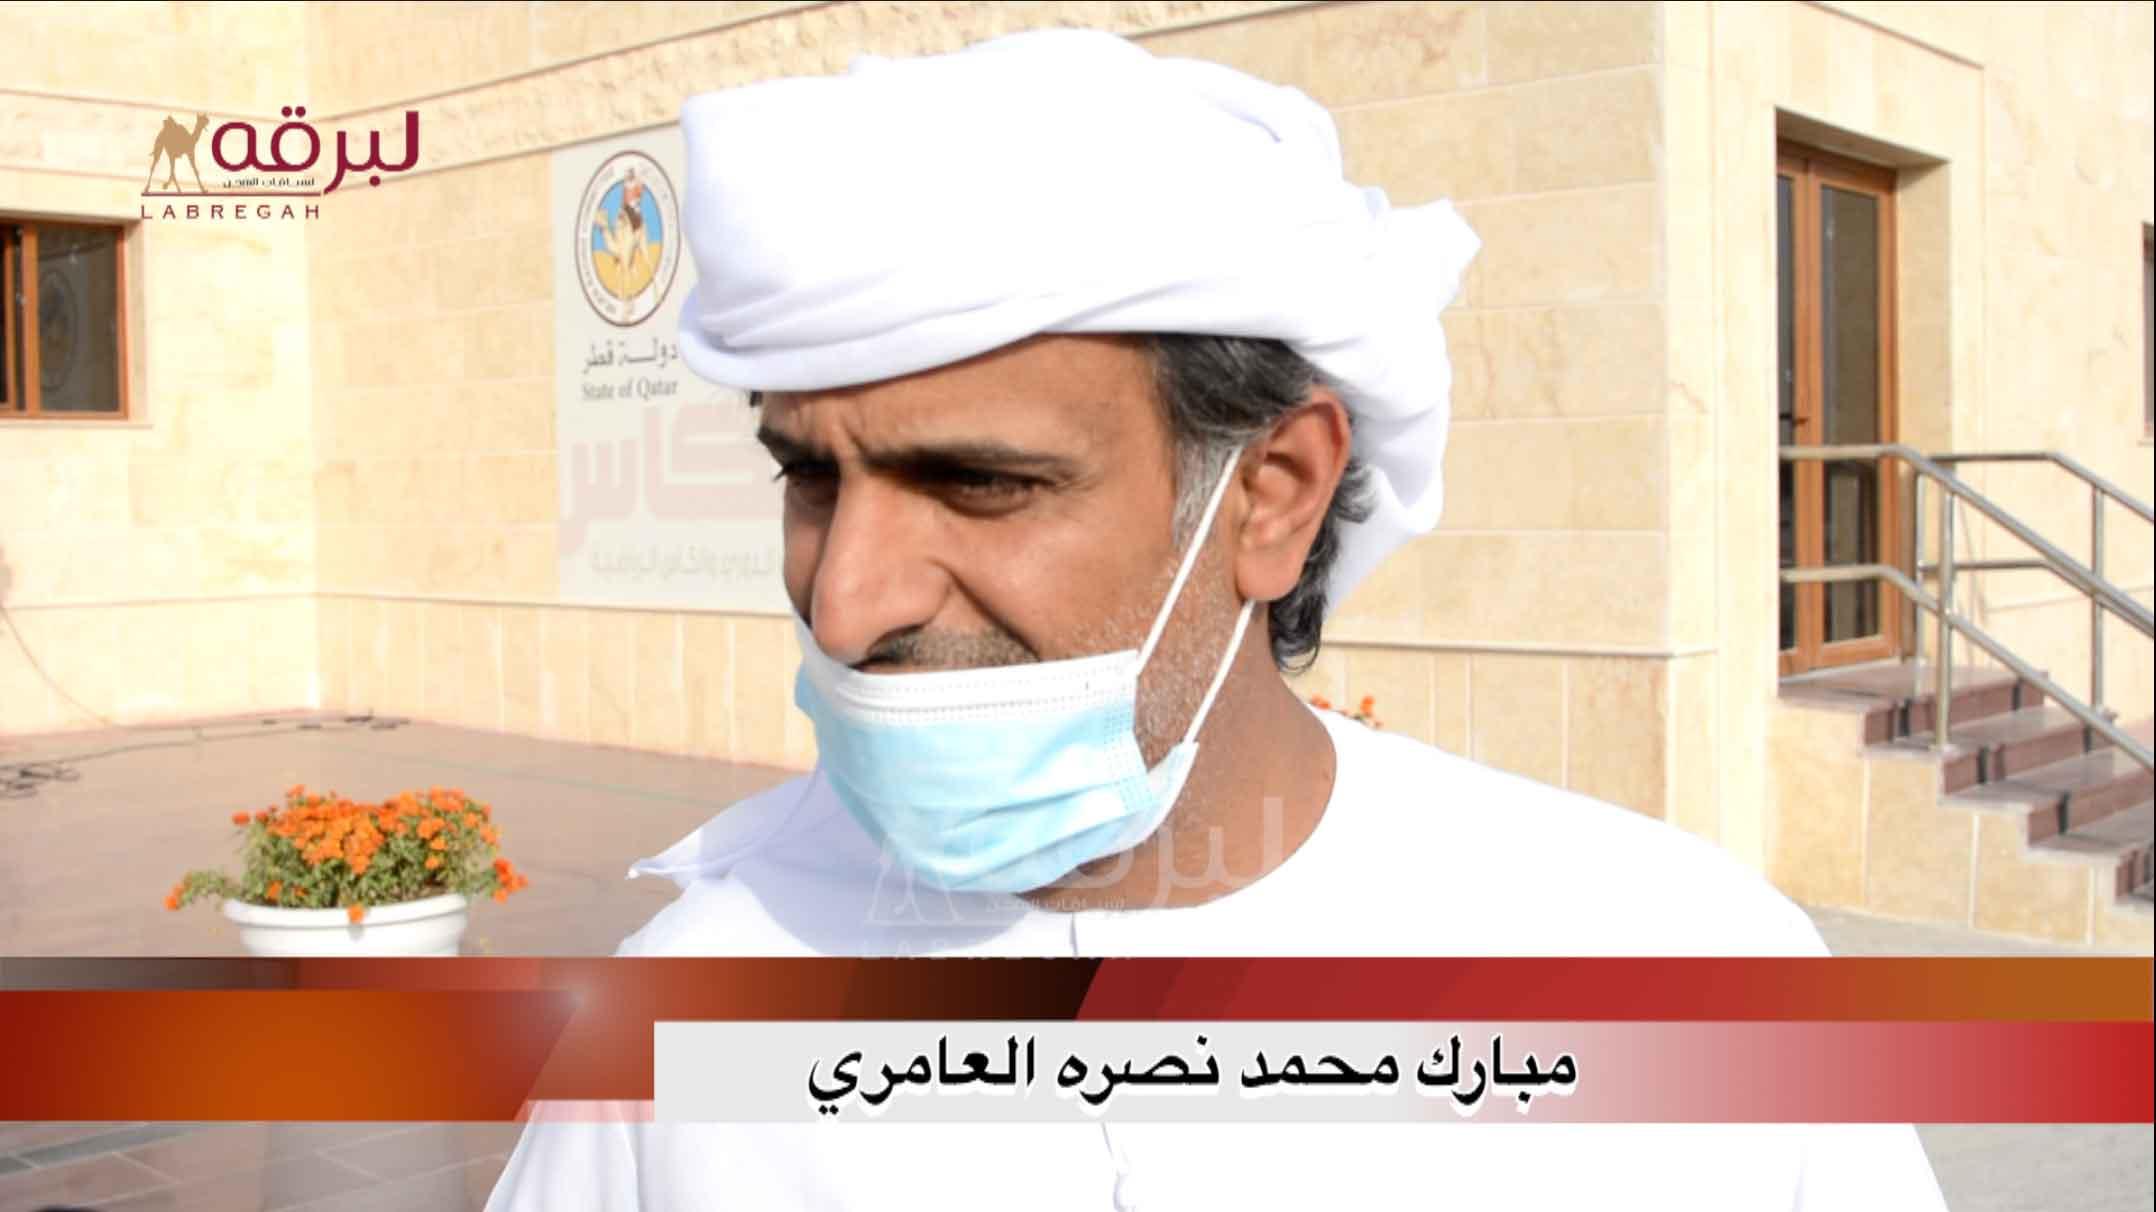 لقاء مع مبارك محمد نصره العامري.. الشلفة الفضية جذاع بكار «مفتوح» الأشواط العامة ٢٤-٣-٢٠٢١